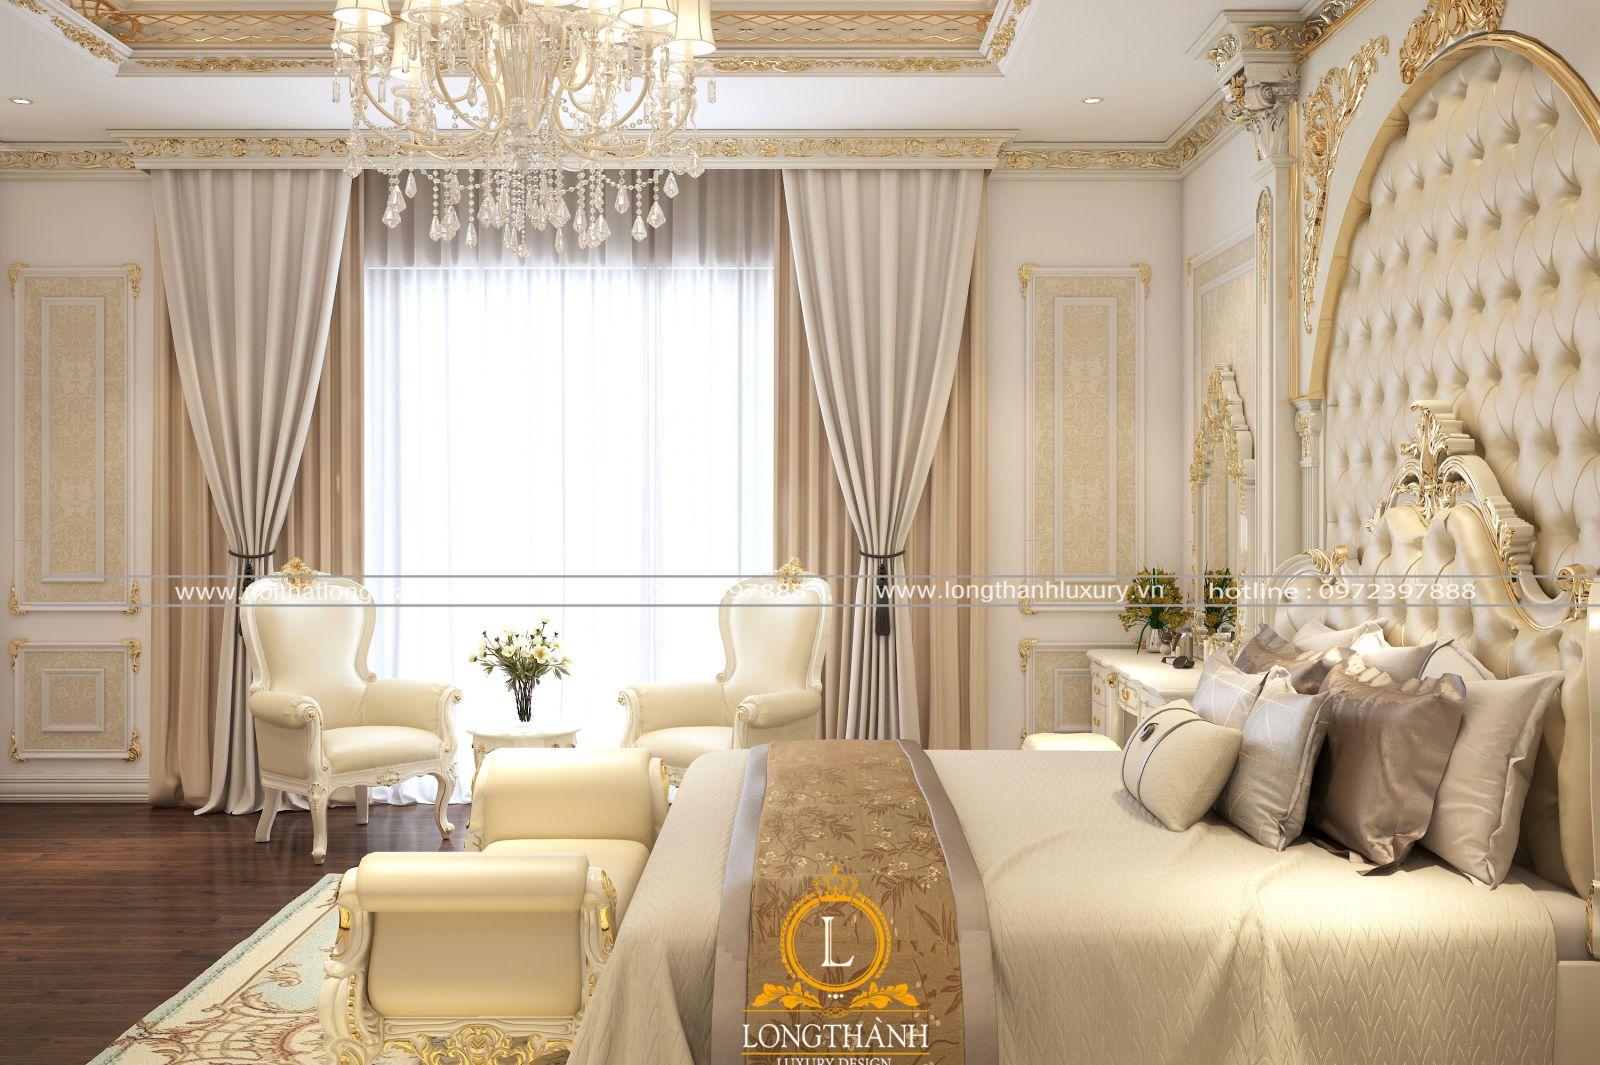 Đèn trang trí cho phòng ngủ màu trắng